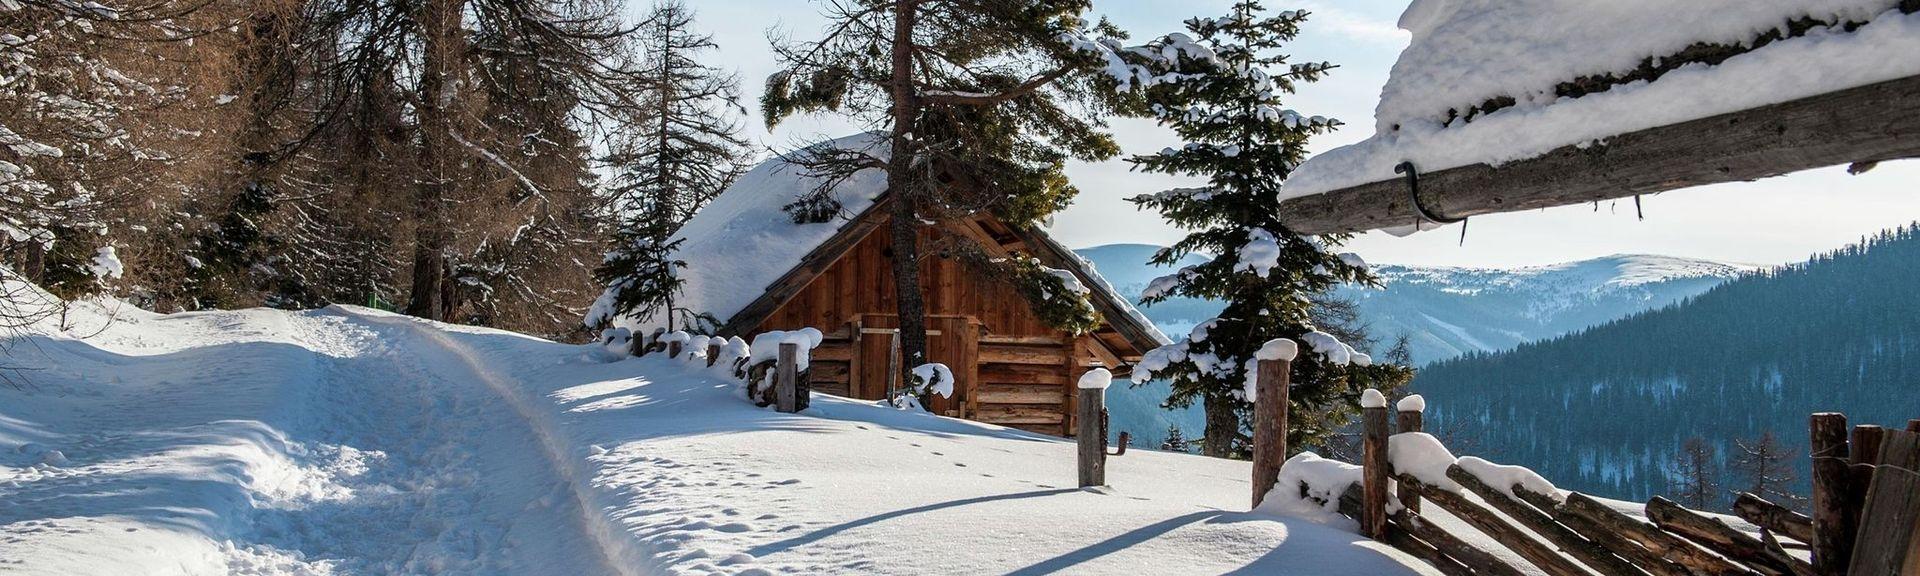 Sankt Georgen am Kreischberg, Steiermark, Itävalta